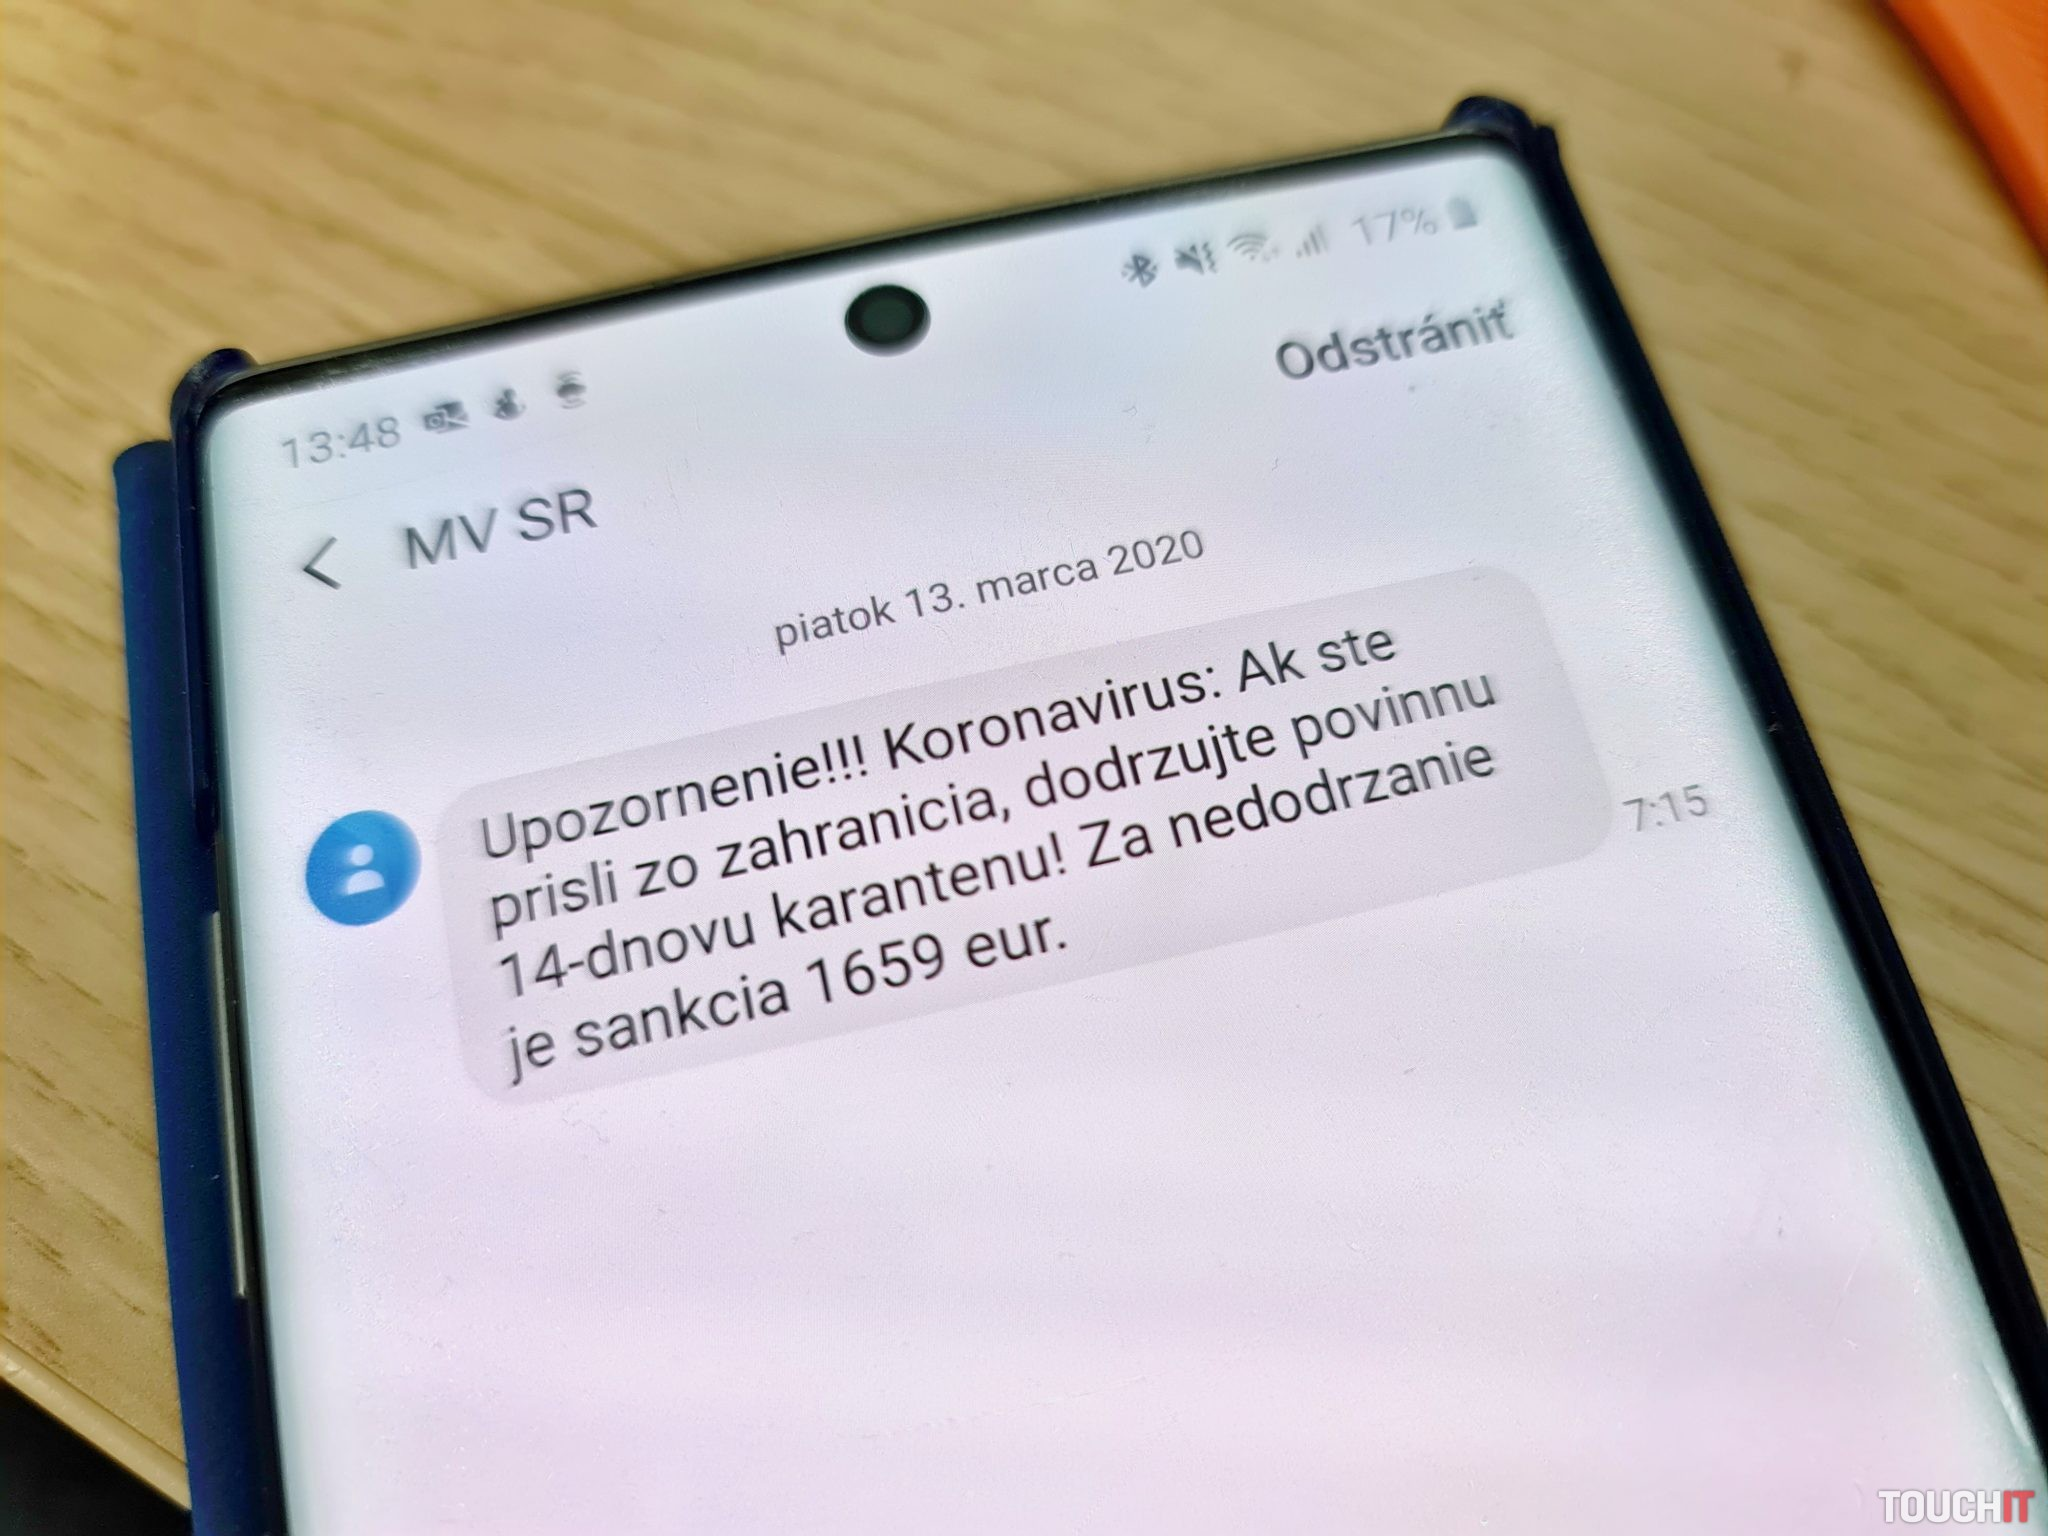 Aj poslanie takejto SMS mohlo znamenať pre veľkých operátorov poriadnu skúšku serverov